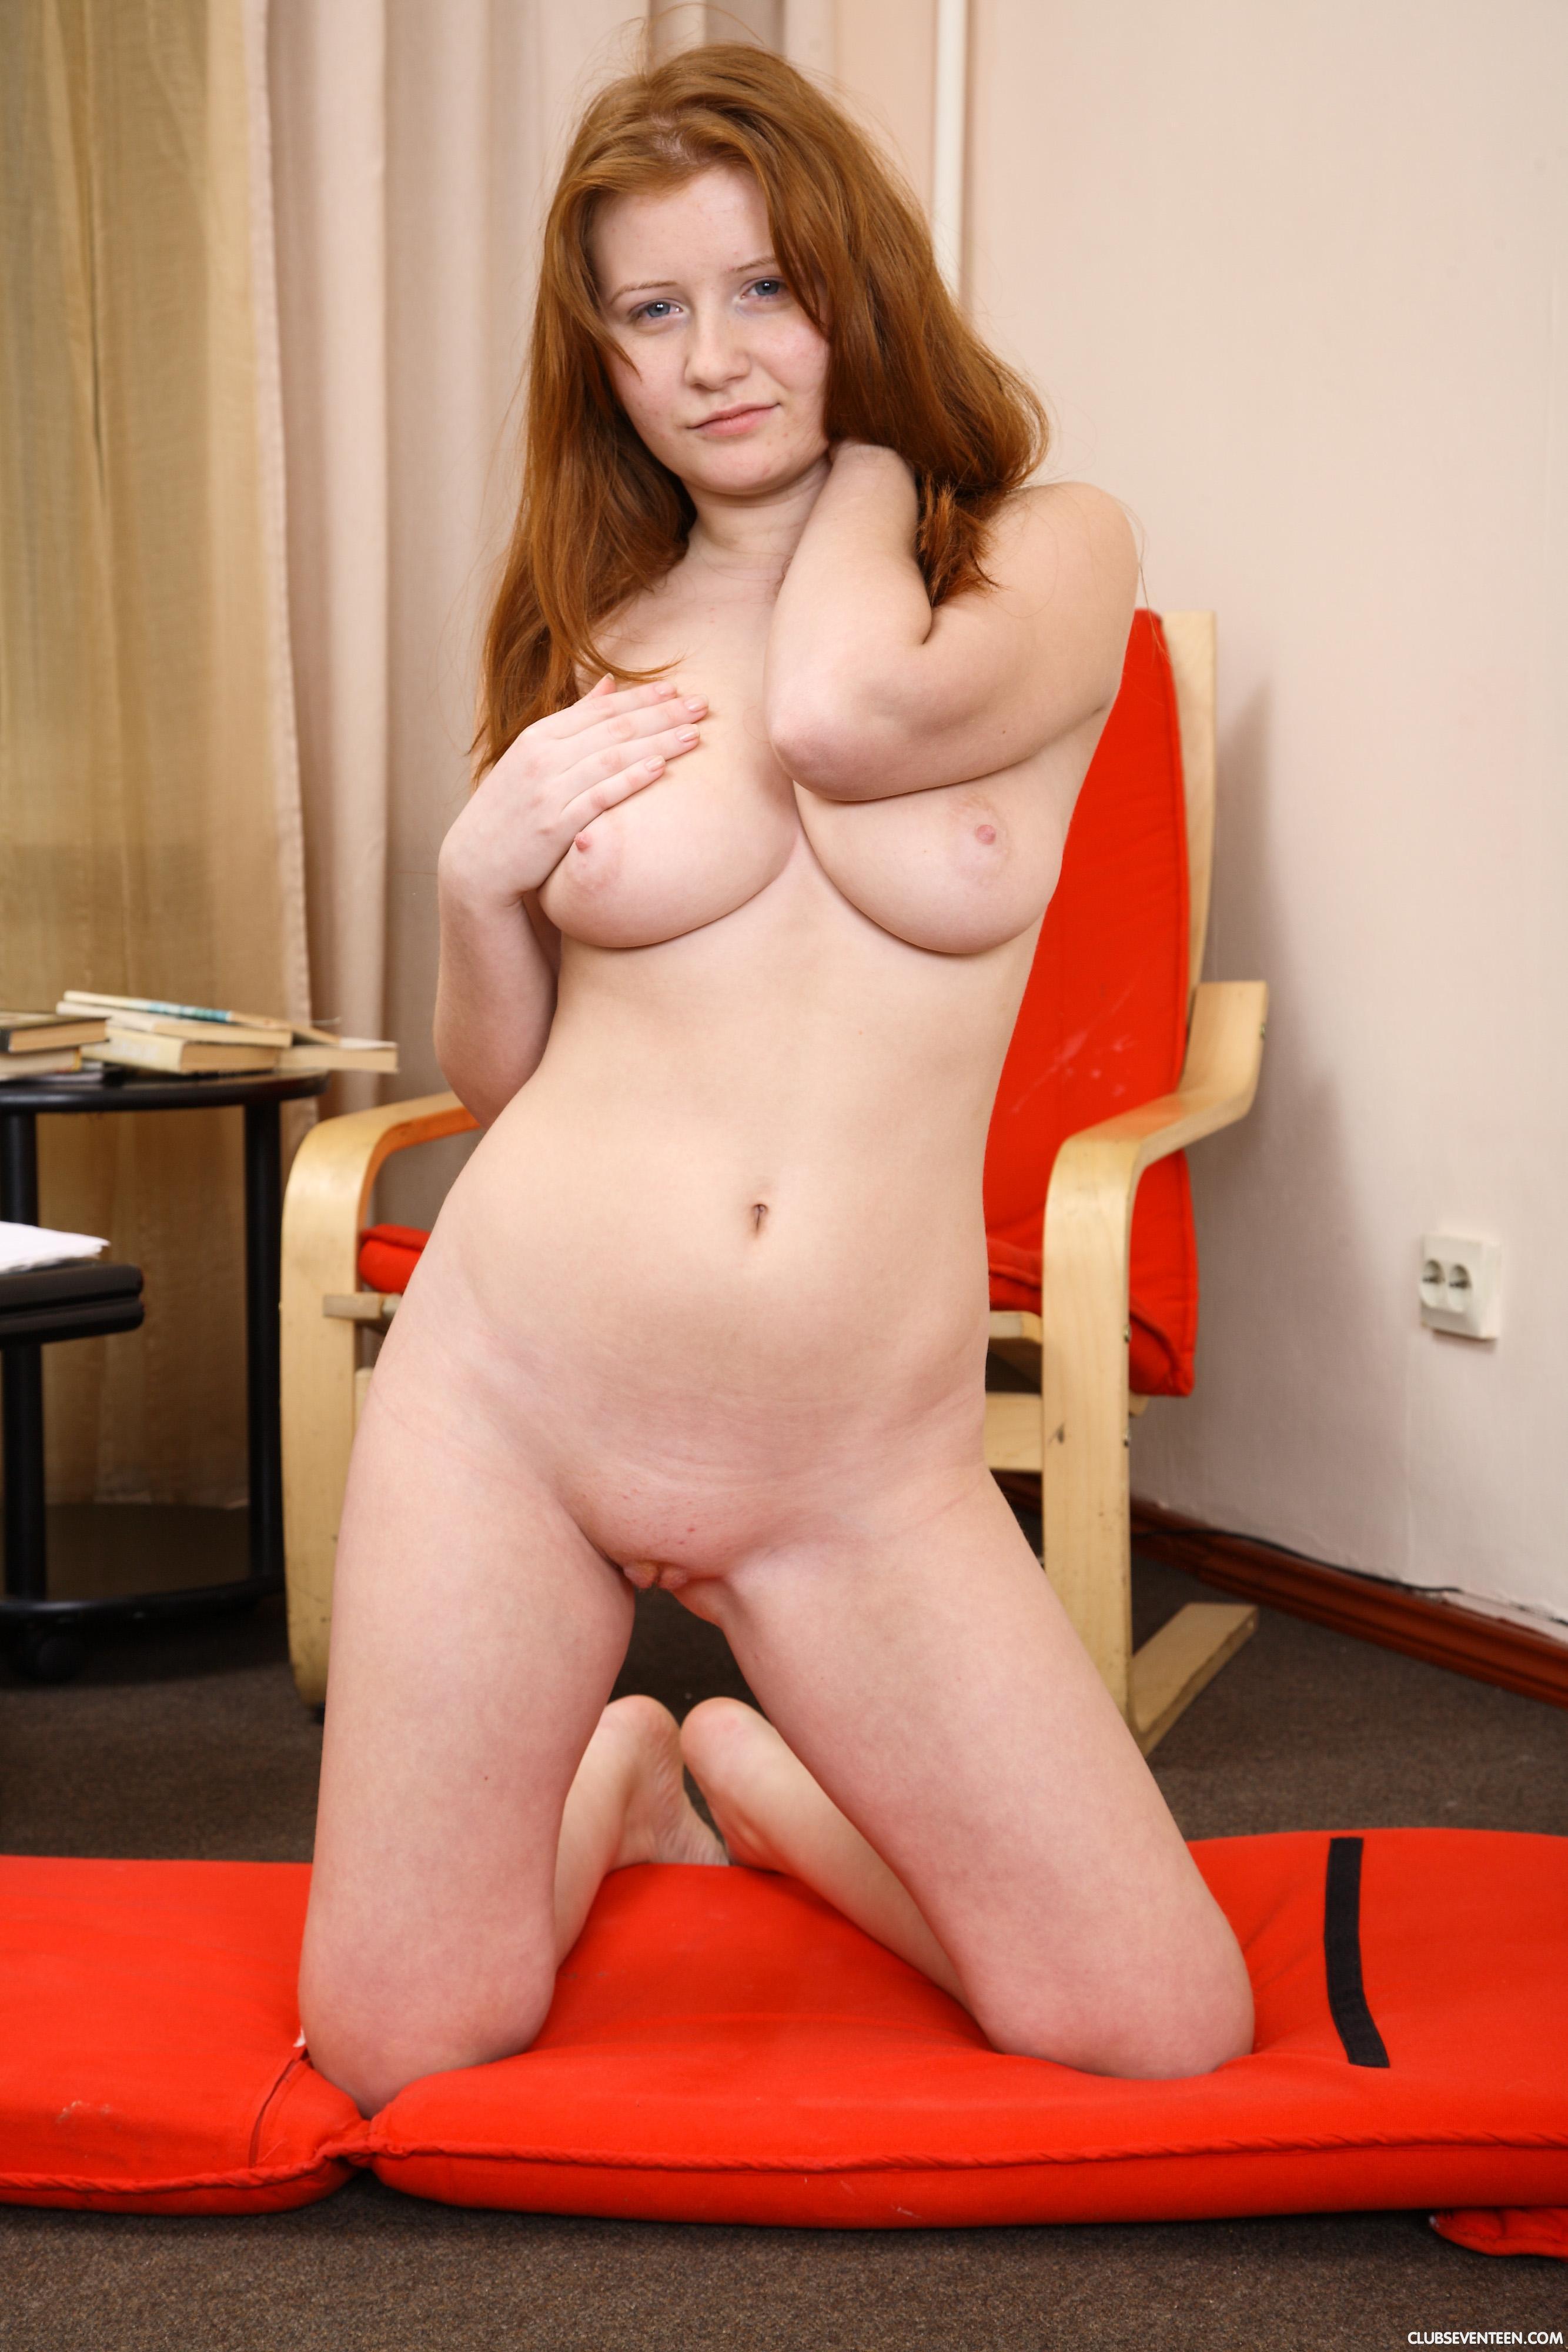 Busty Natural Redhead